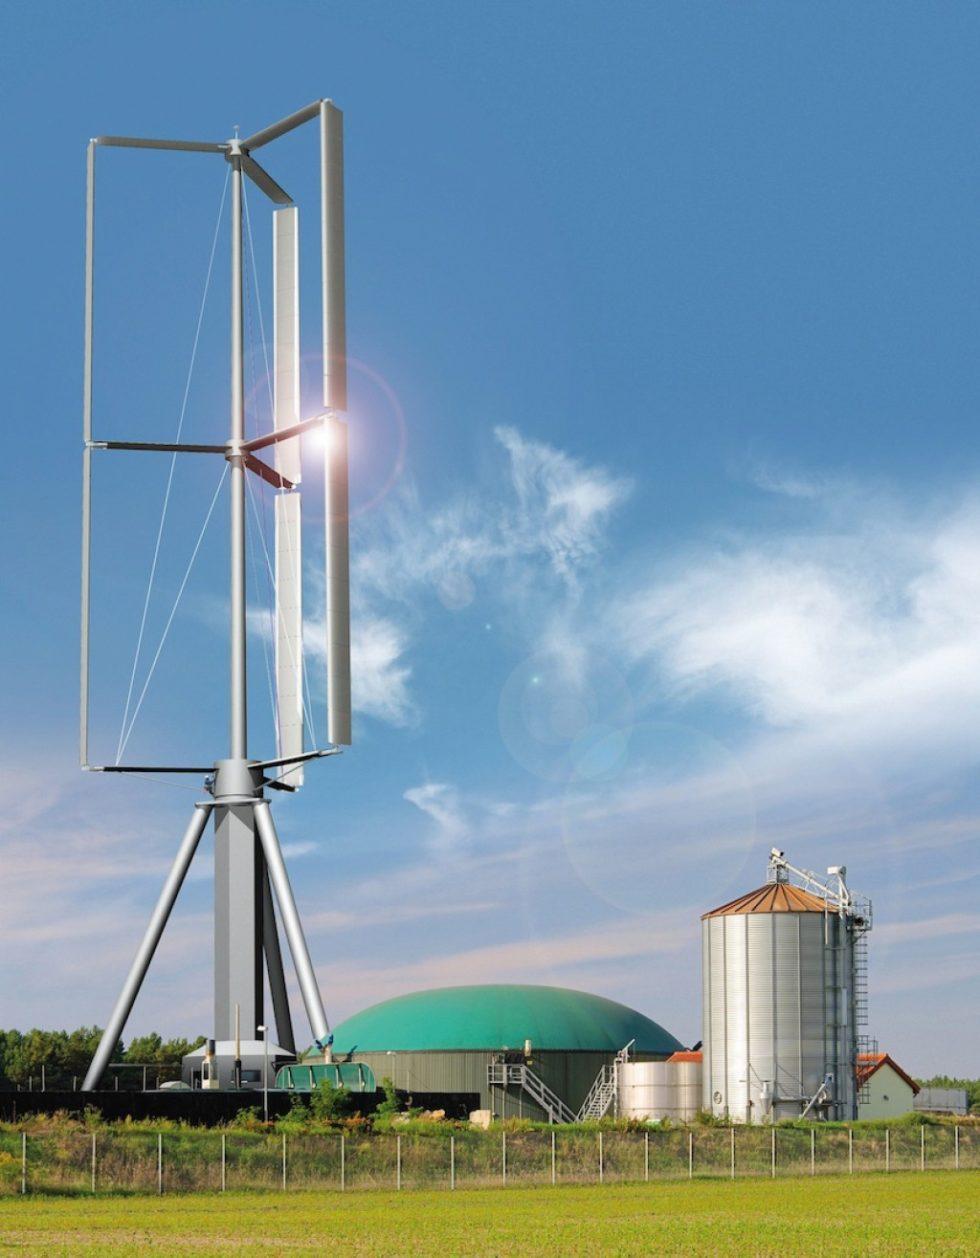 Vertical-Sky-Konzept zur dezentralen Stromversorgung. Bild: Agile Wind Power